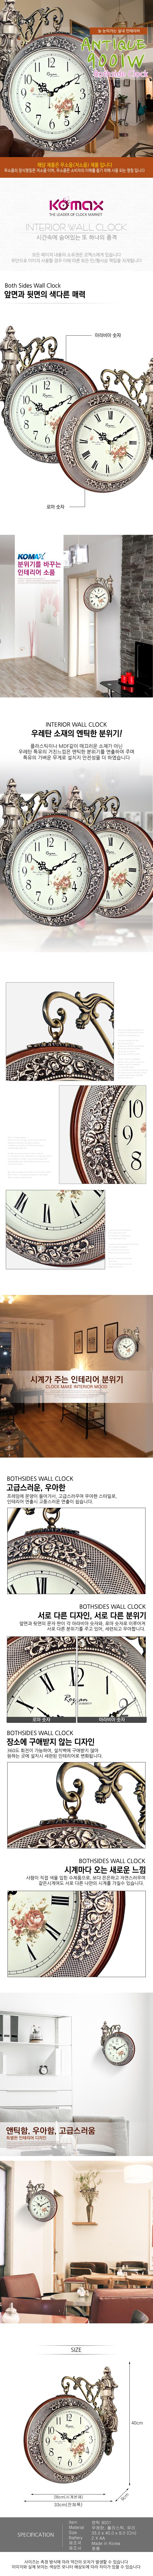 엔틱 9001 무소음 양면벽시계 - 코맥스, 86,000원, 양면시계, 앤틱